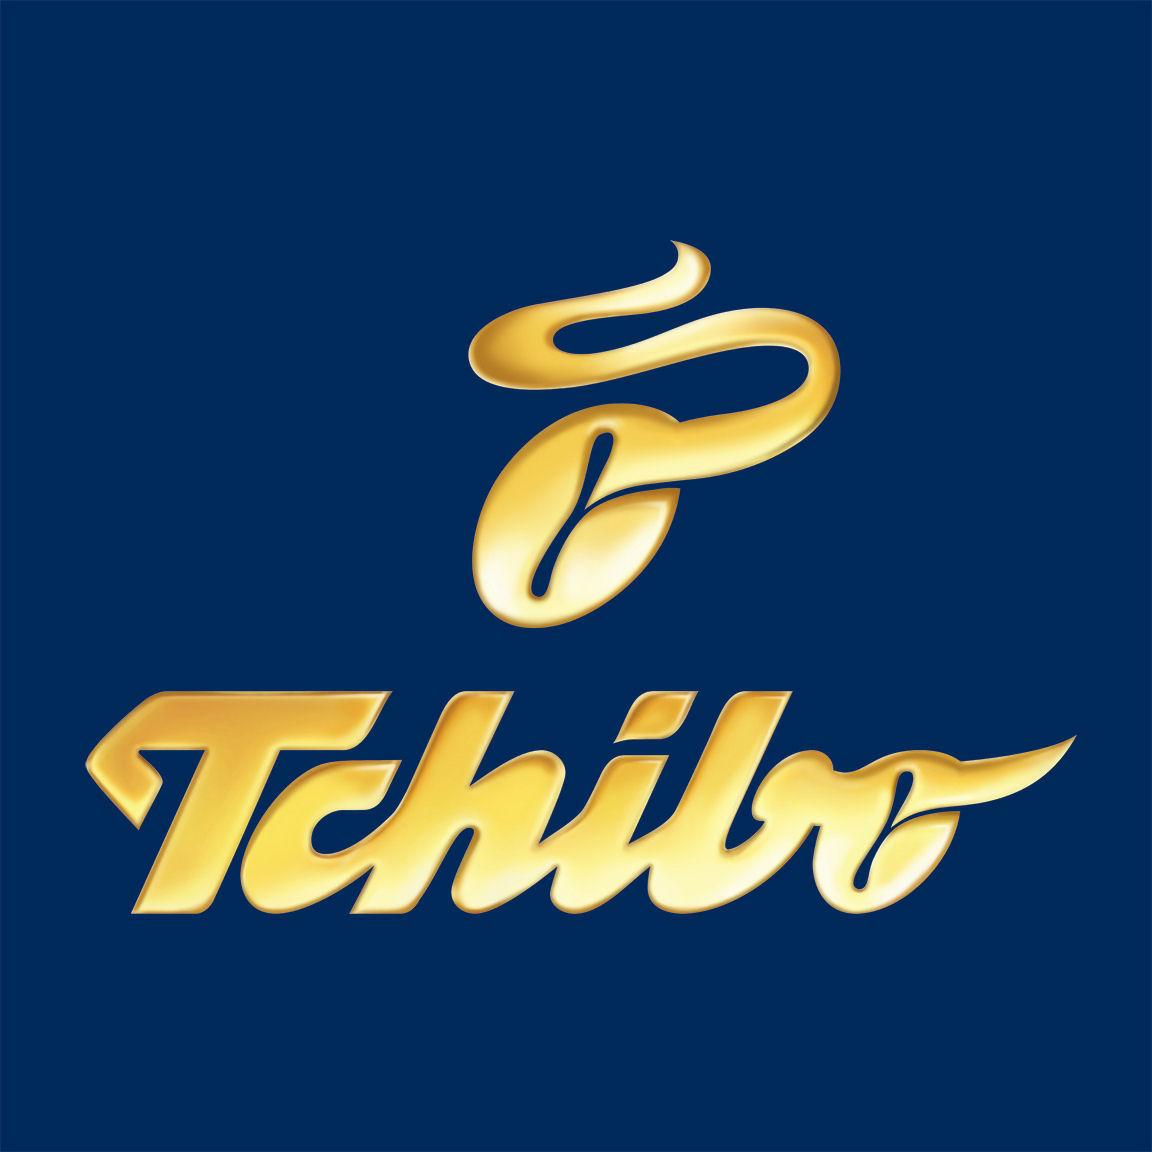 Firma Tchibo otevřela nový obchod v největším dopravním uzlu republiky, v hale Hlavního nádraží Praha